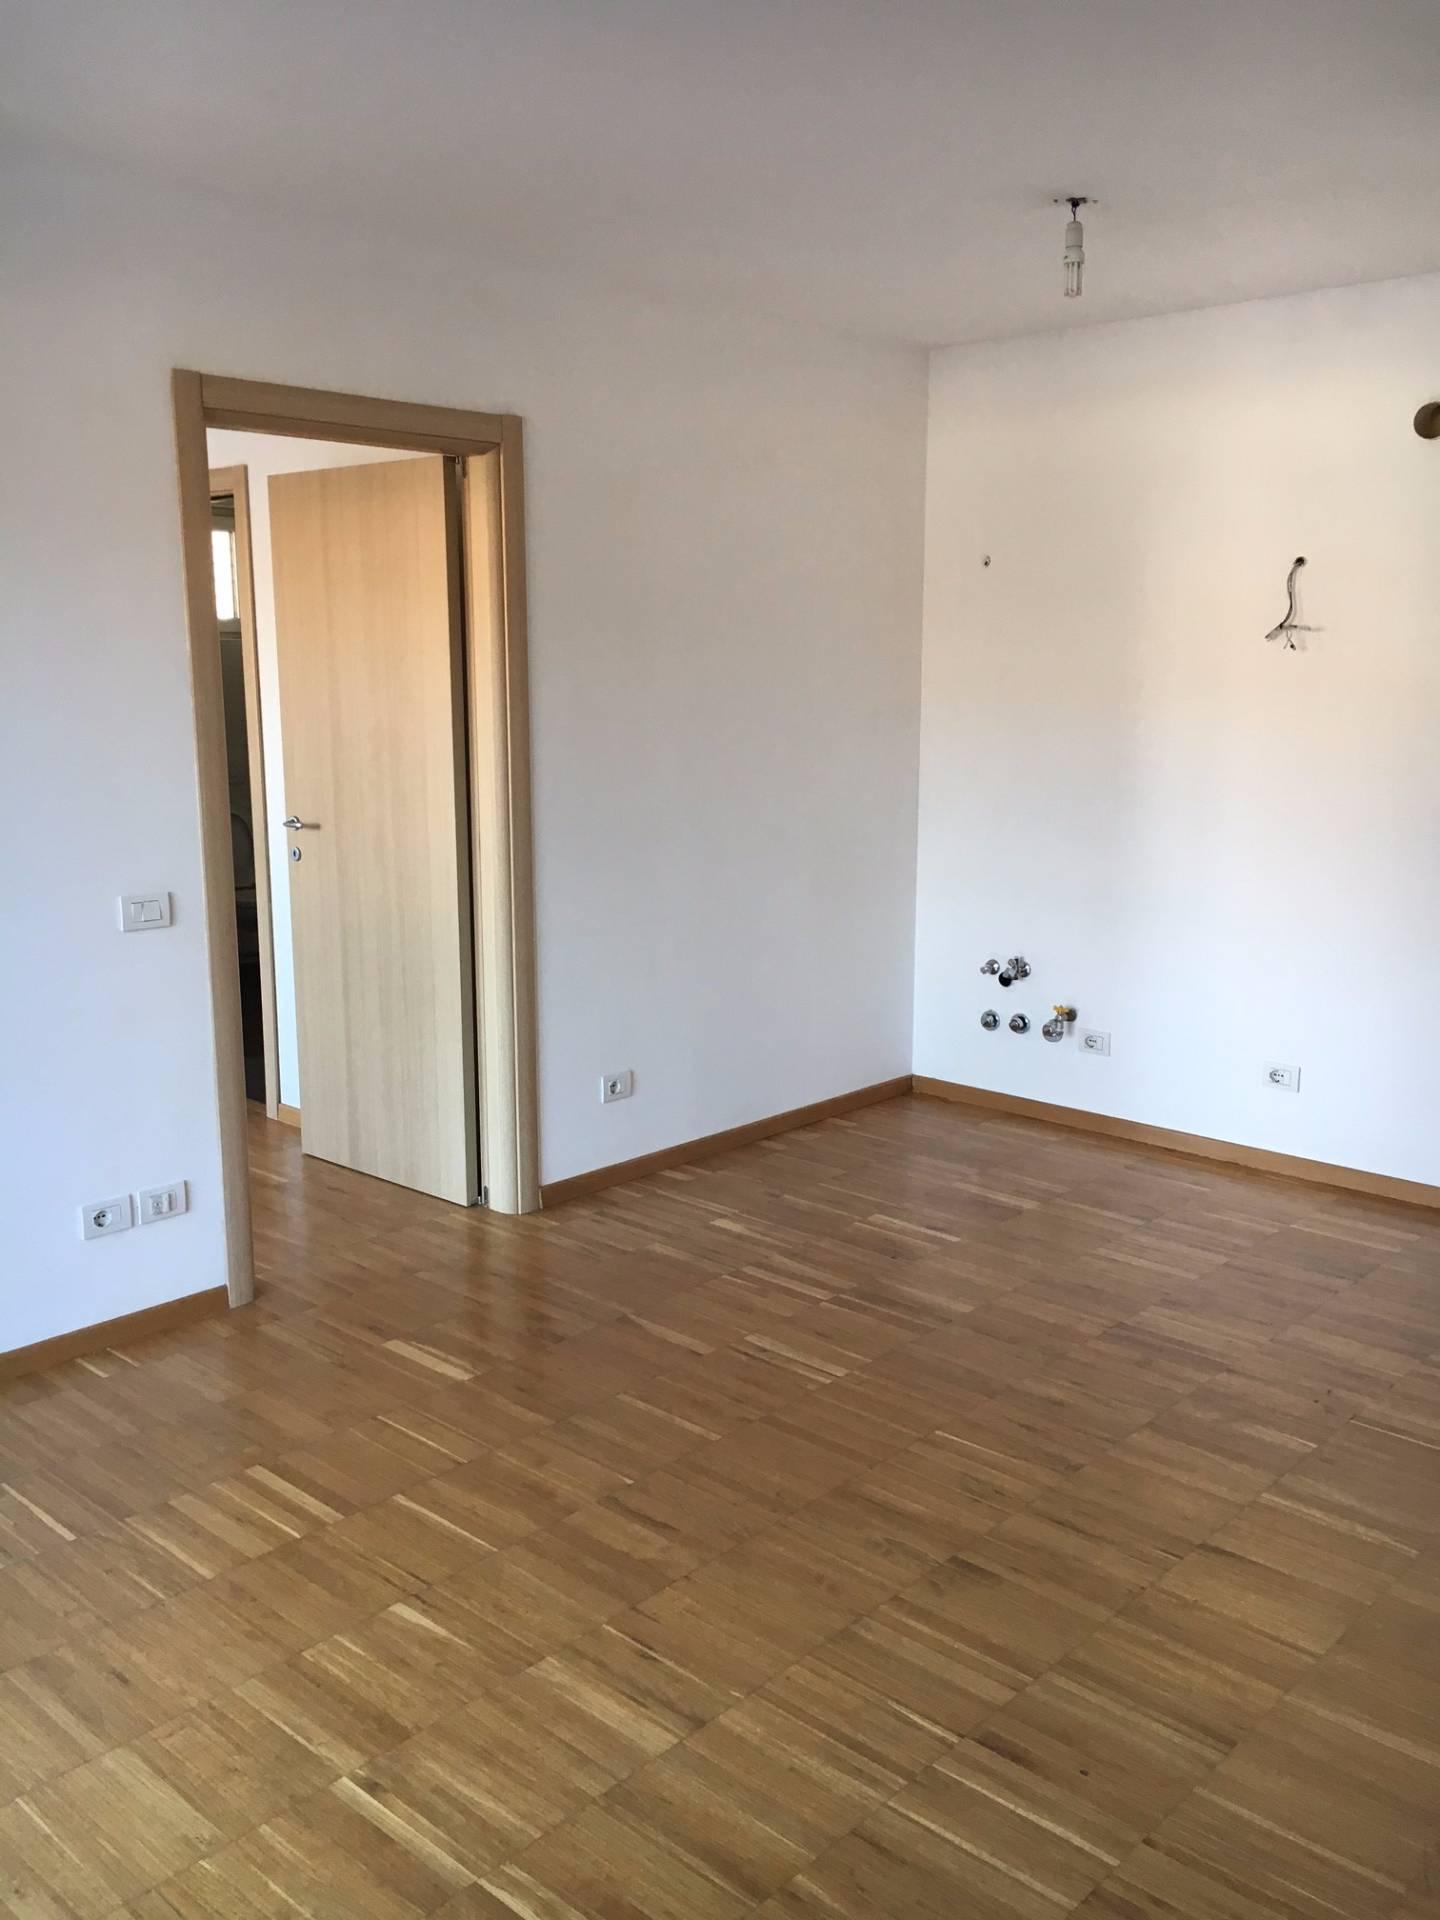 Appartamento in affitto a Egna, 3 locali, prezzo € 870 | PortaleAgenzieImmobiliari.it